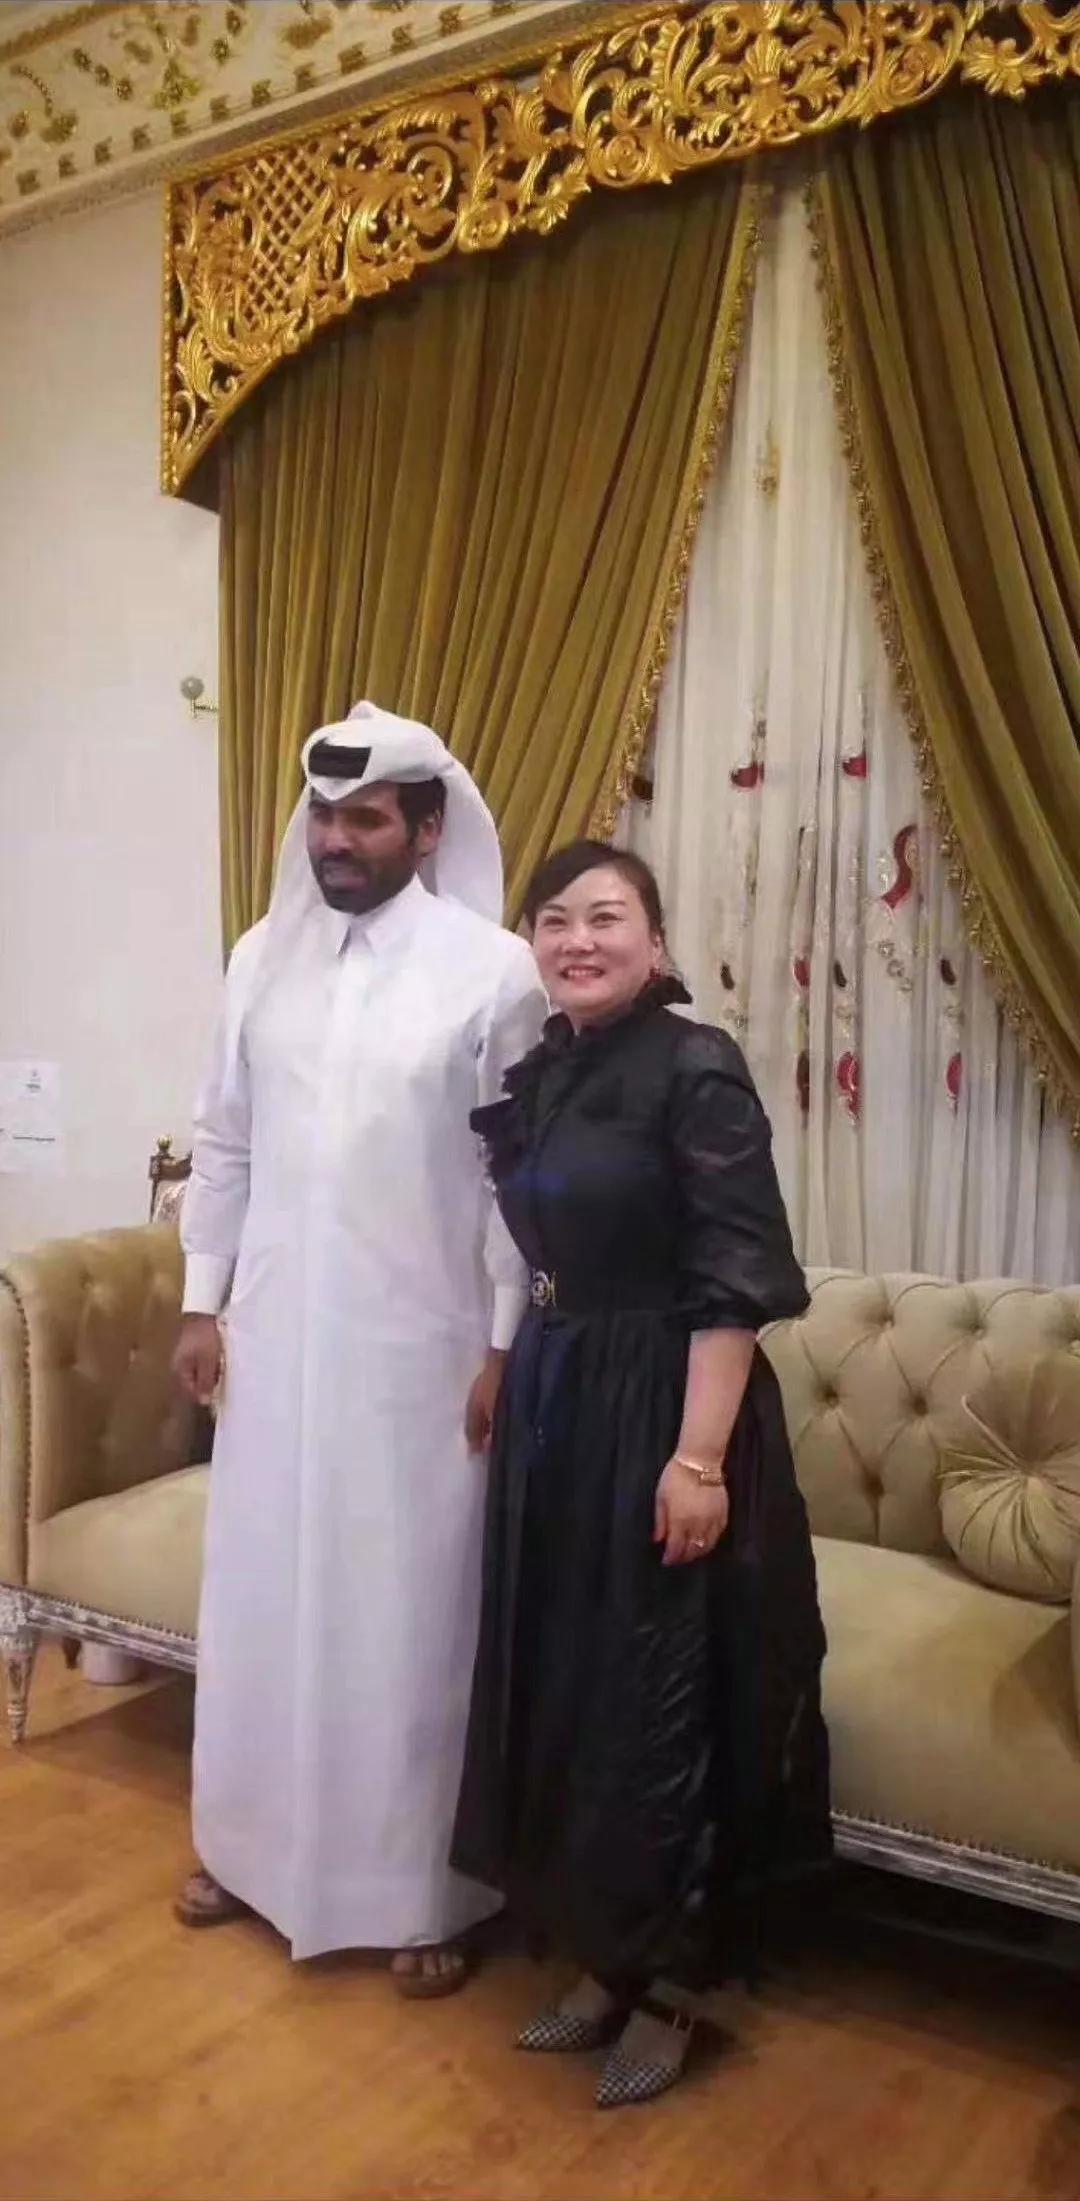 2022年卡塔尔世界杯会徽正式公布,届时将出现博康整体木作的身影